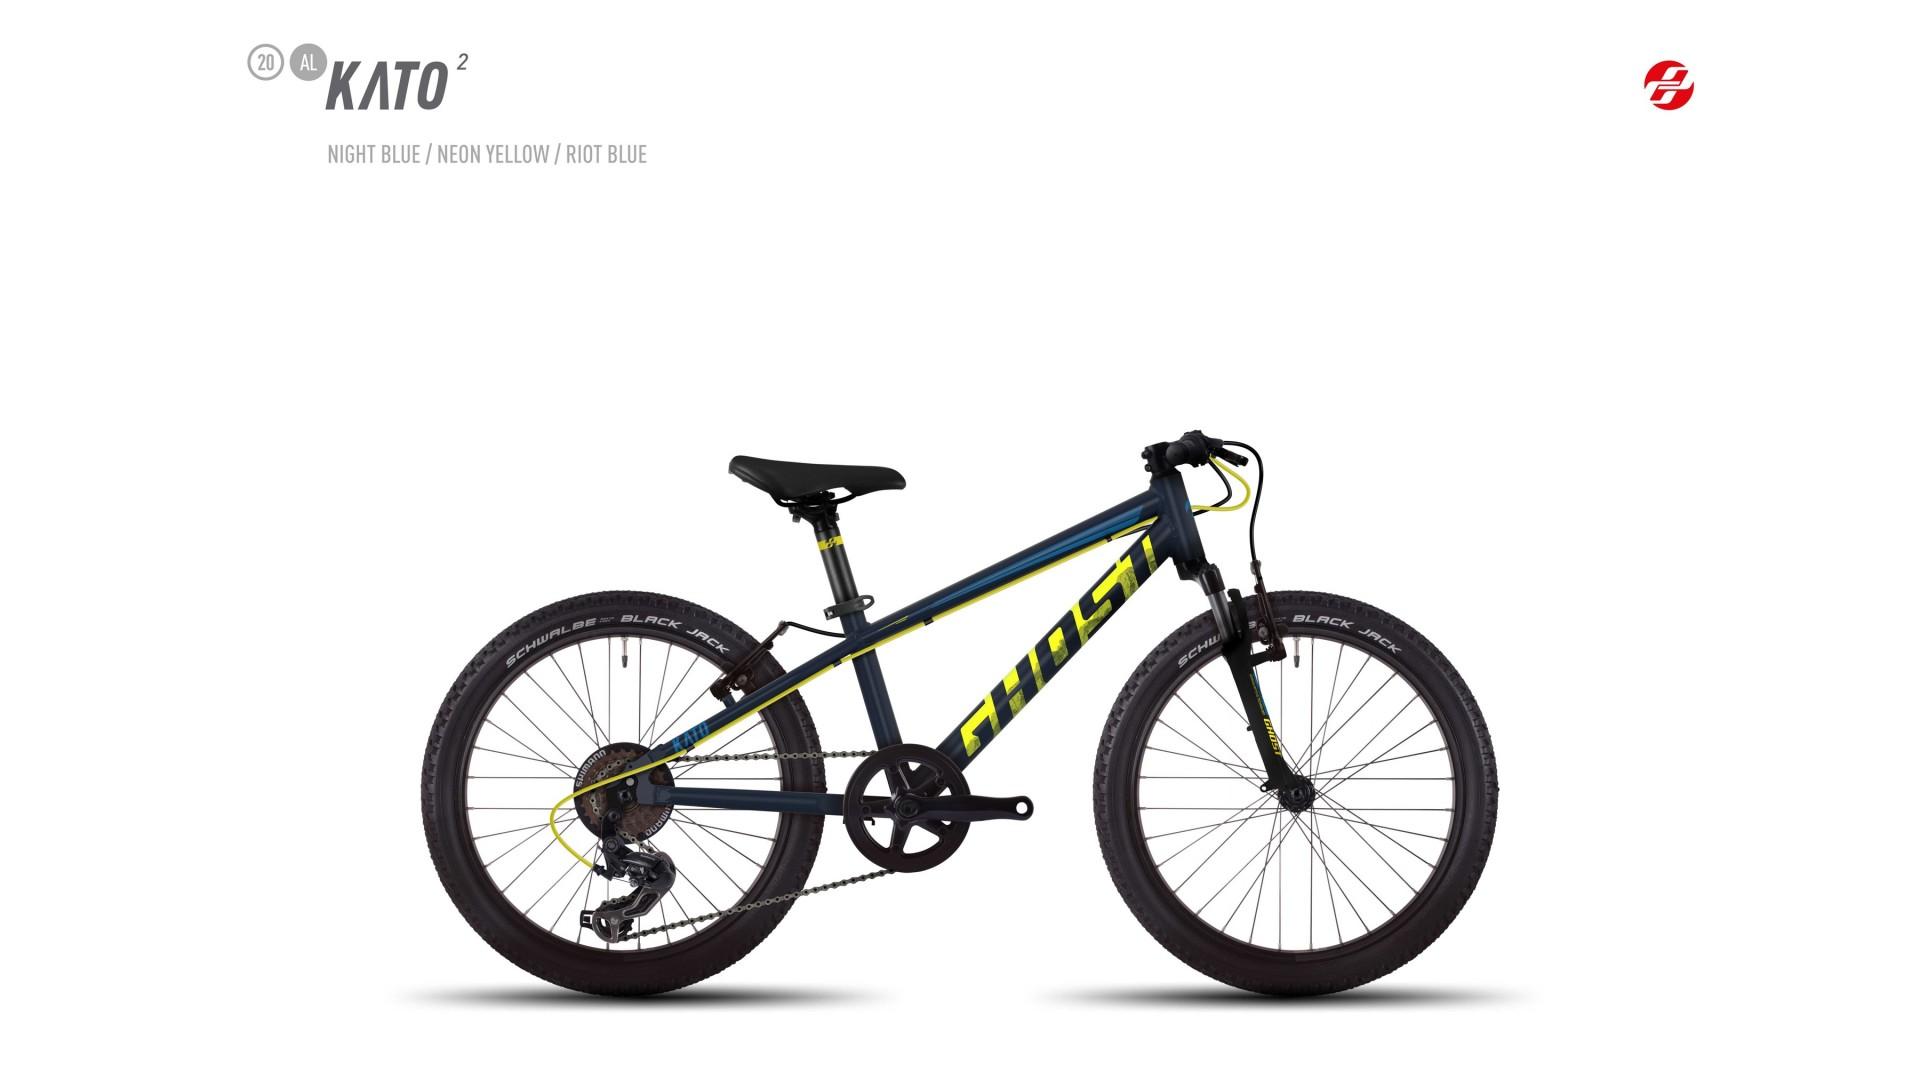 Велосипед GHOST Kato 2 AL 20 nightblue/neonyellow/riotblue год 2017